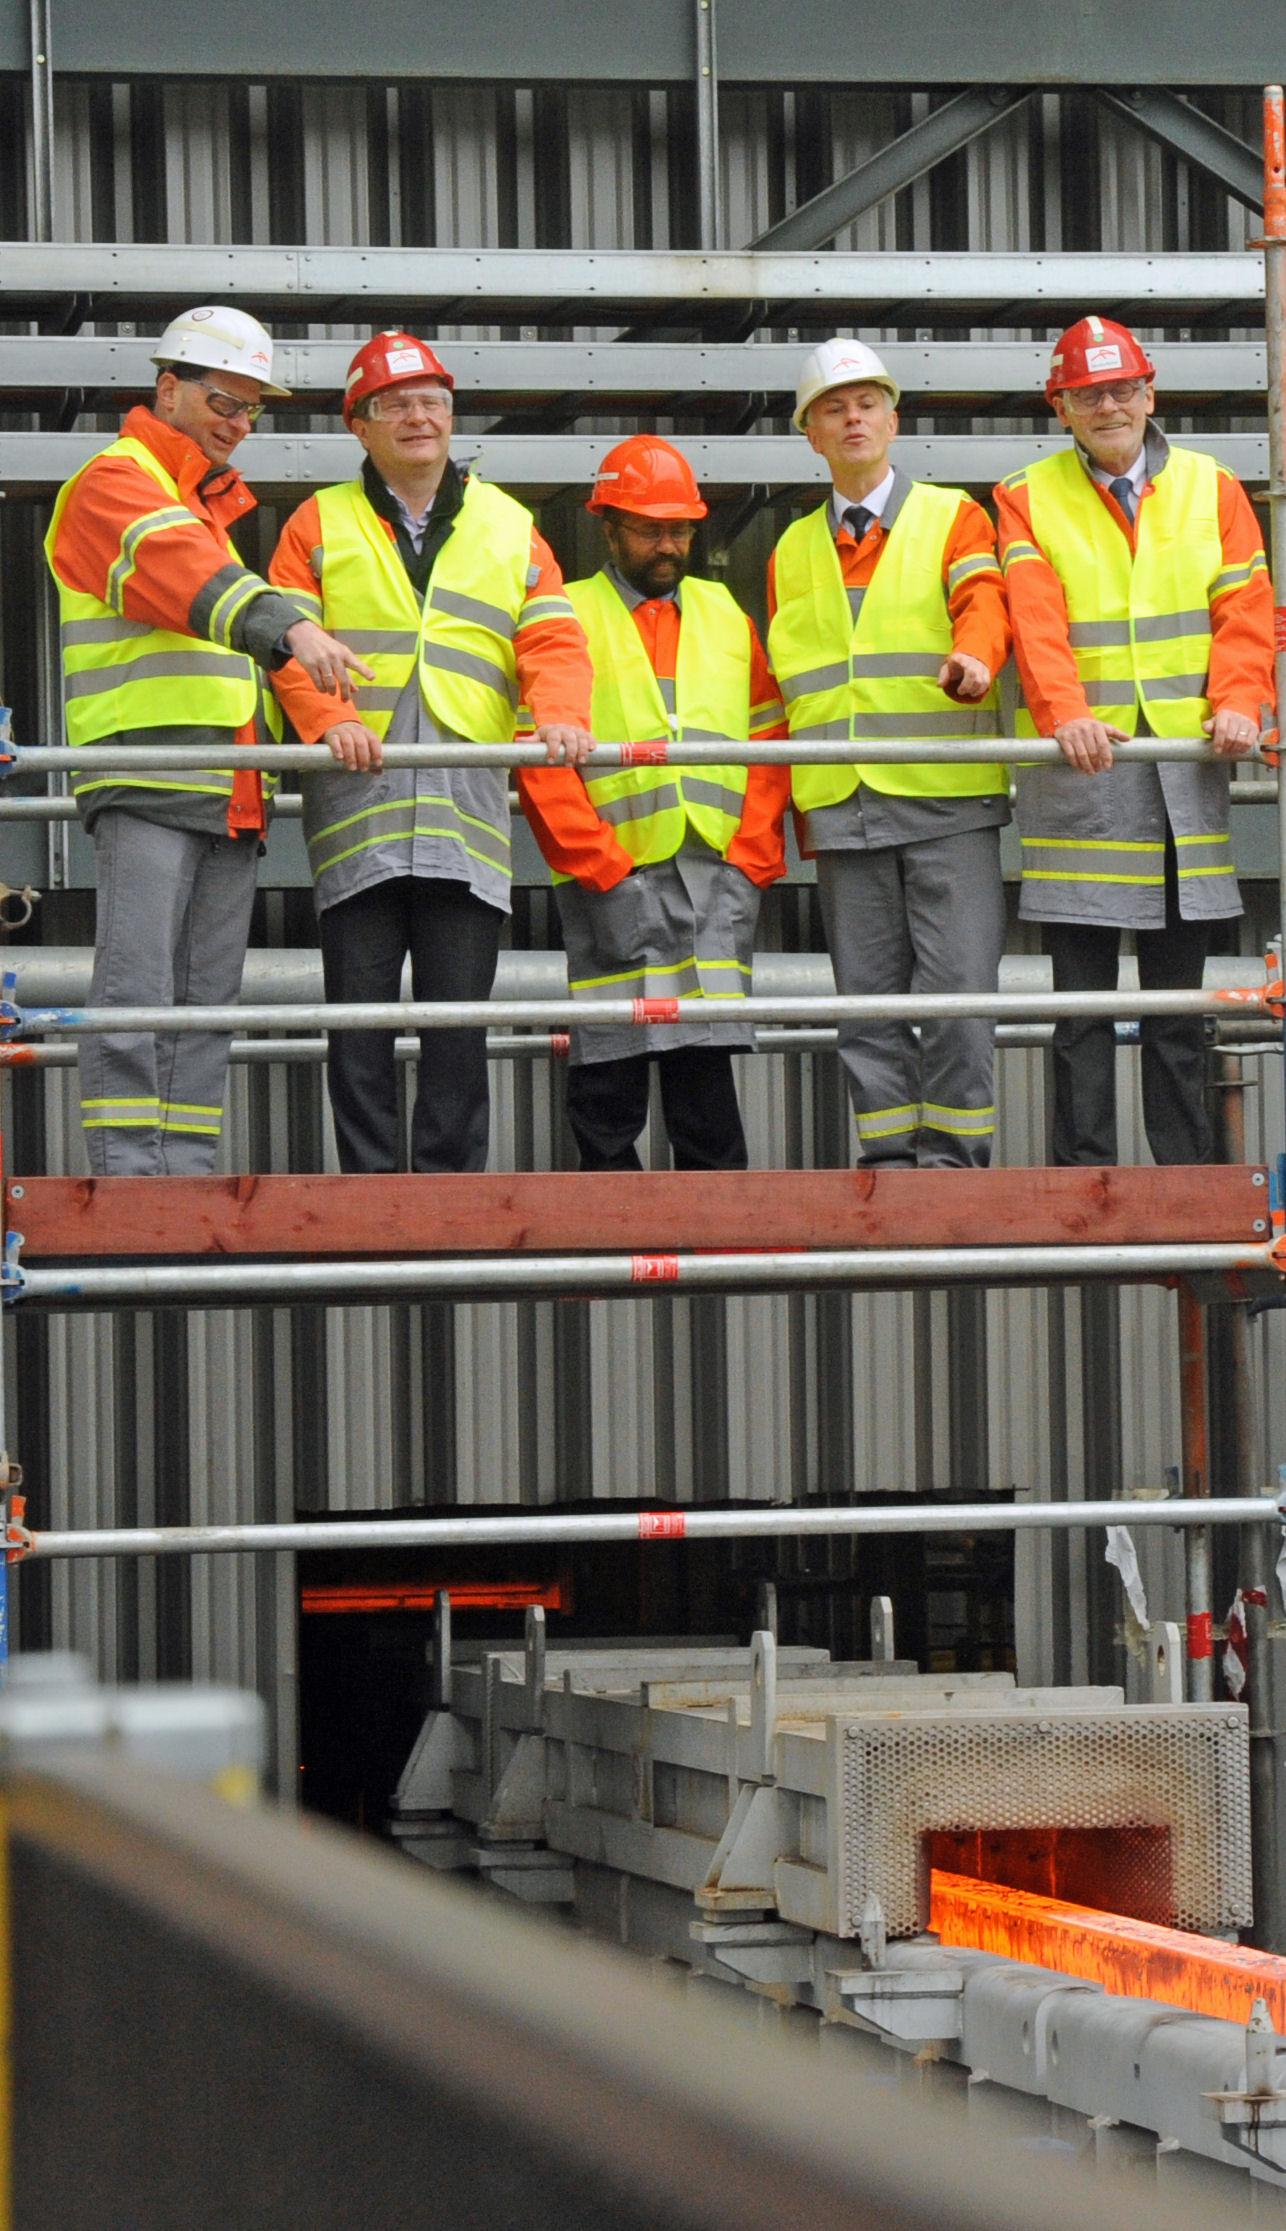 ArcelorMittal Hamburg -Umweltsenator Kerstan (2.v.l.) und WirtschaftssenatorrMichael Westhagemann (re.) weihen den neuen Hubbalken-Ofen ein. Er bringt viele Vorteile: Weniger Energieverbrauch Reduktion der CO2-Emissionen höhere Effizienz Produktion von 2 Tonnen Coils möglich hoherQualitäten.